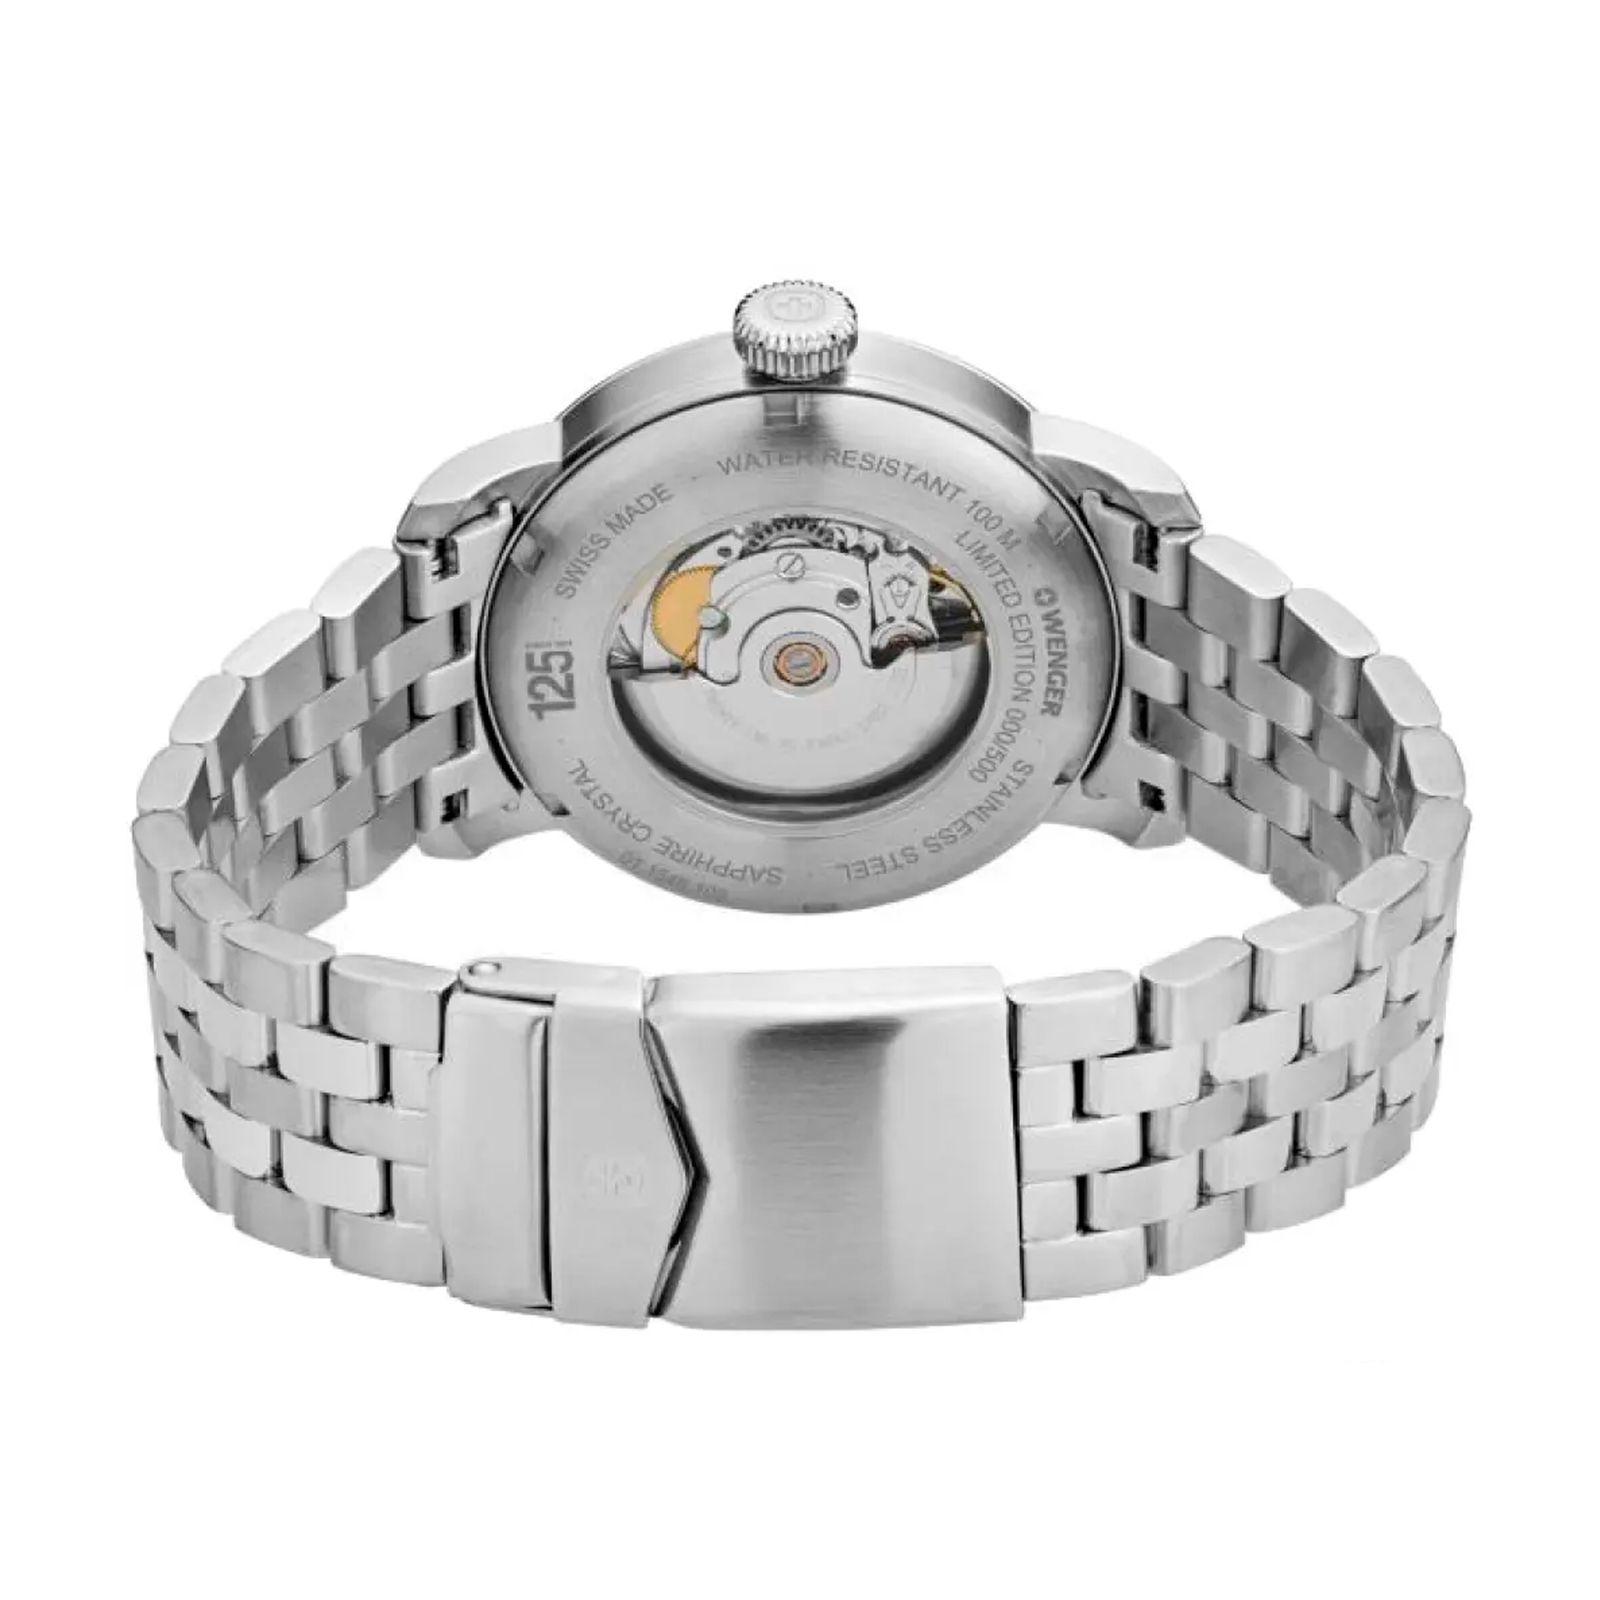 ساعت مچی عقربه ای مردانه ونگر مدل 01.1546.102 -  - 3